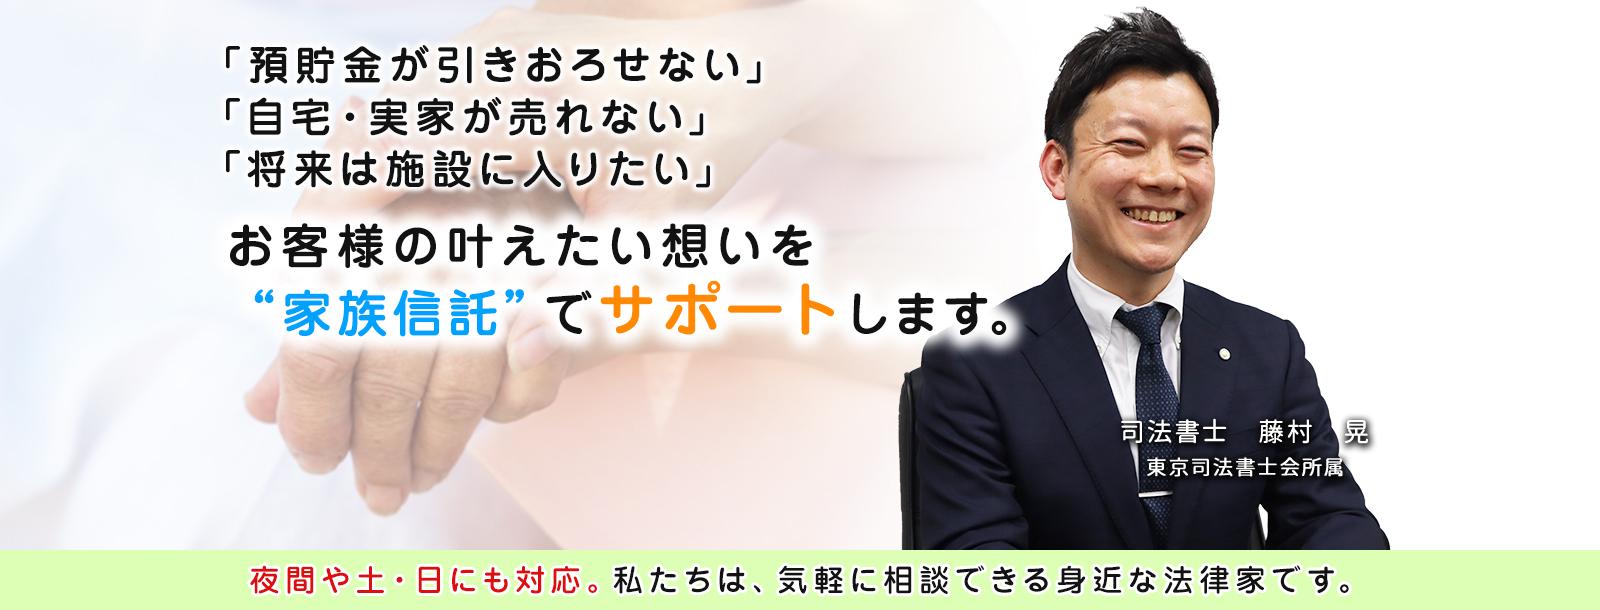 """お客様の叶えたい思いを""""家族信託""""でサポートします。 司法書士 藤村 晃 東京司法書士会所属"""